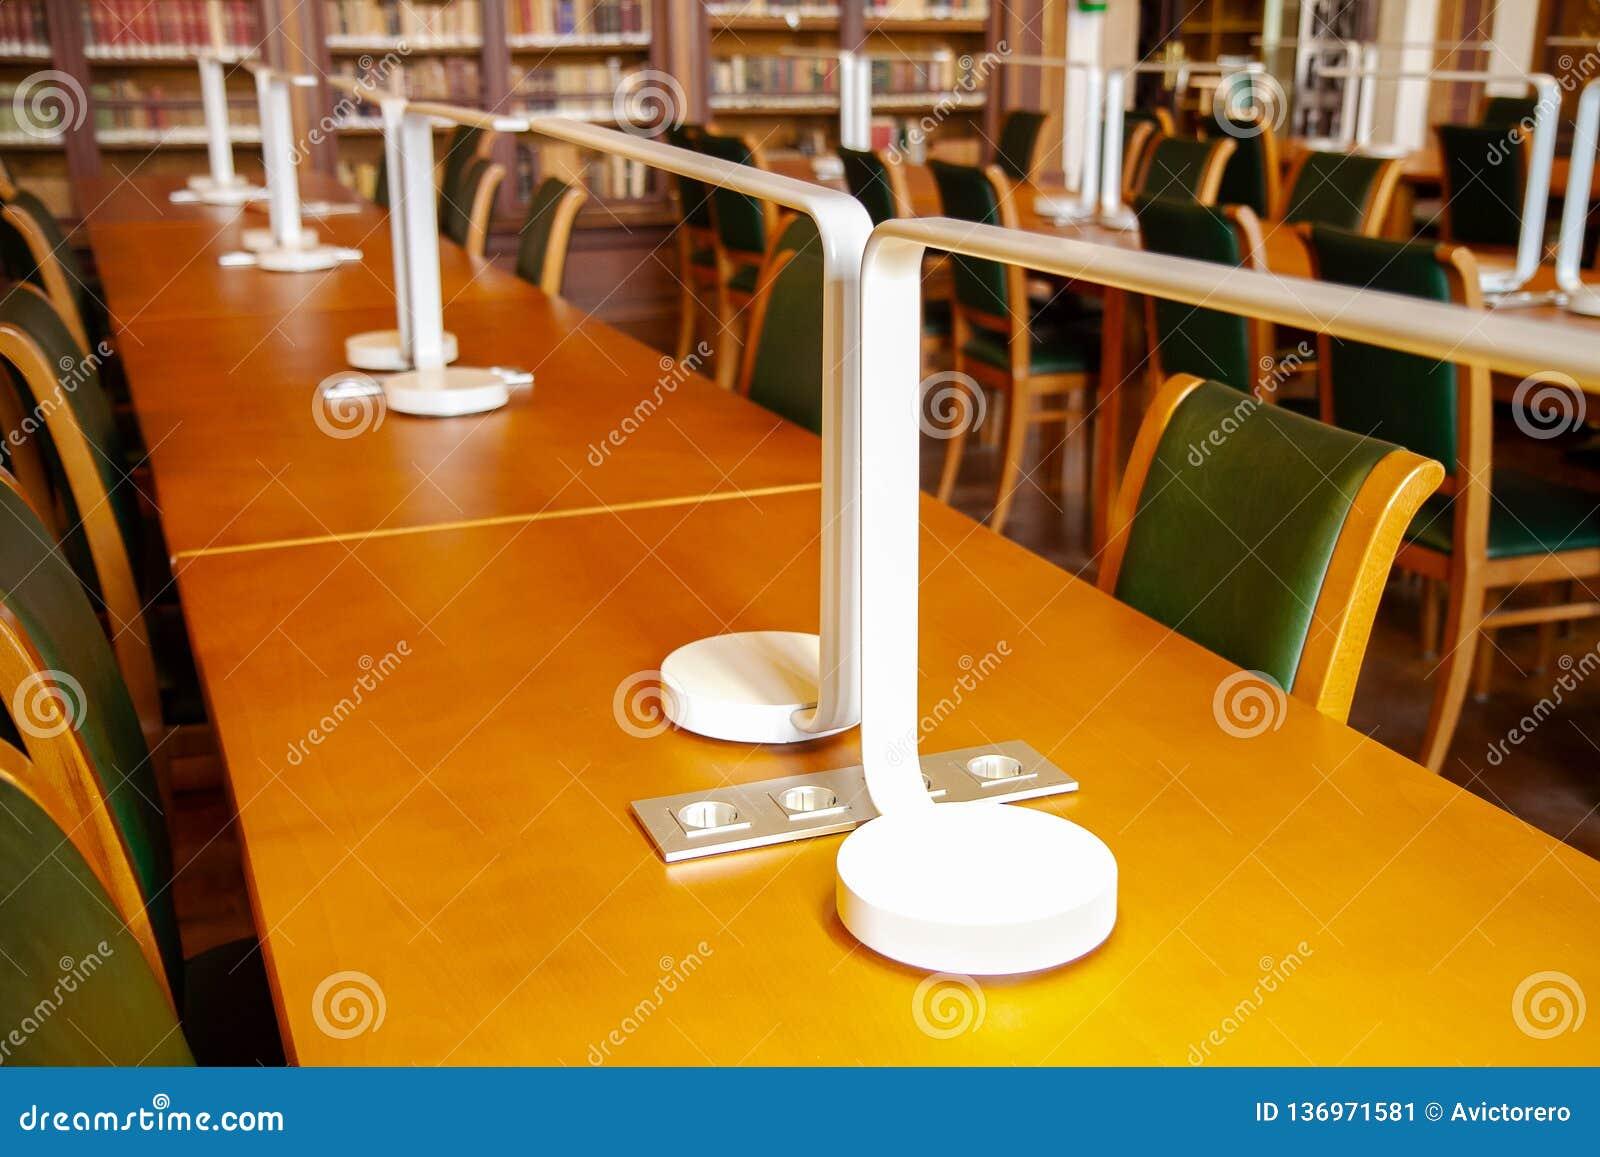 Biblioteka Uniwersytecka ucznia biurko jest edukacja starego odizolowane pojęcia